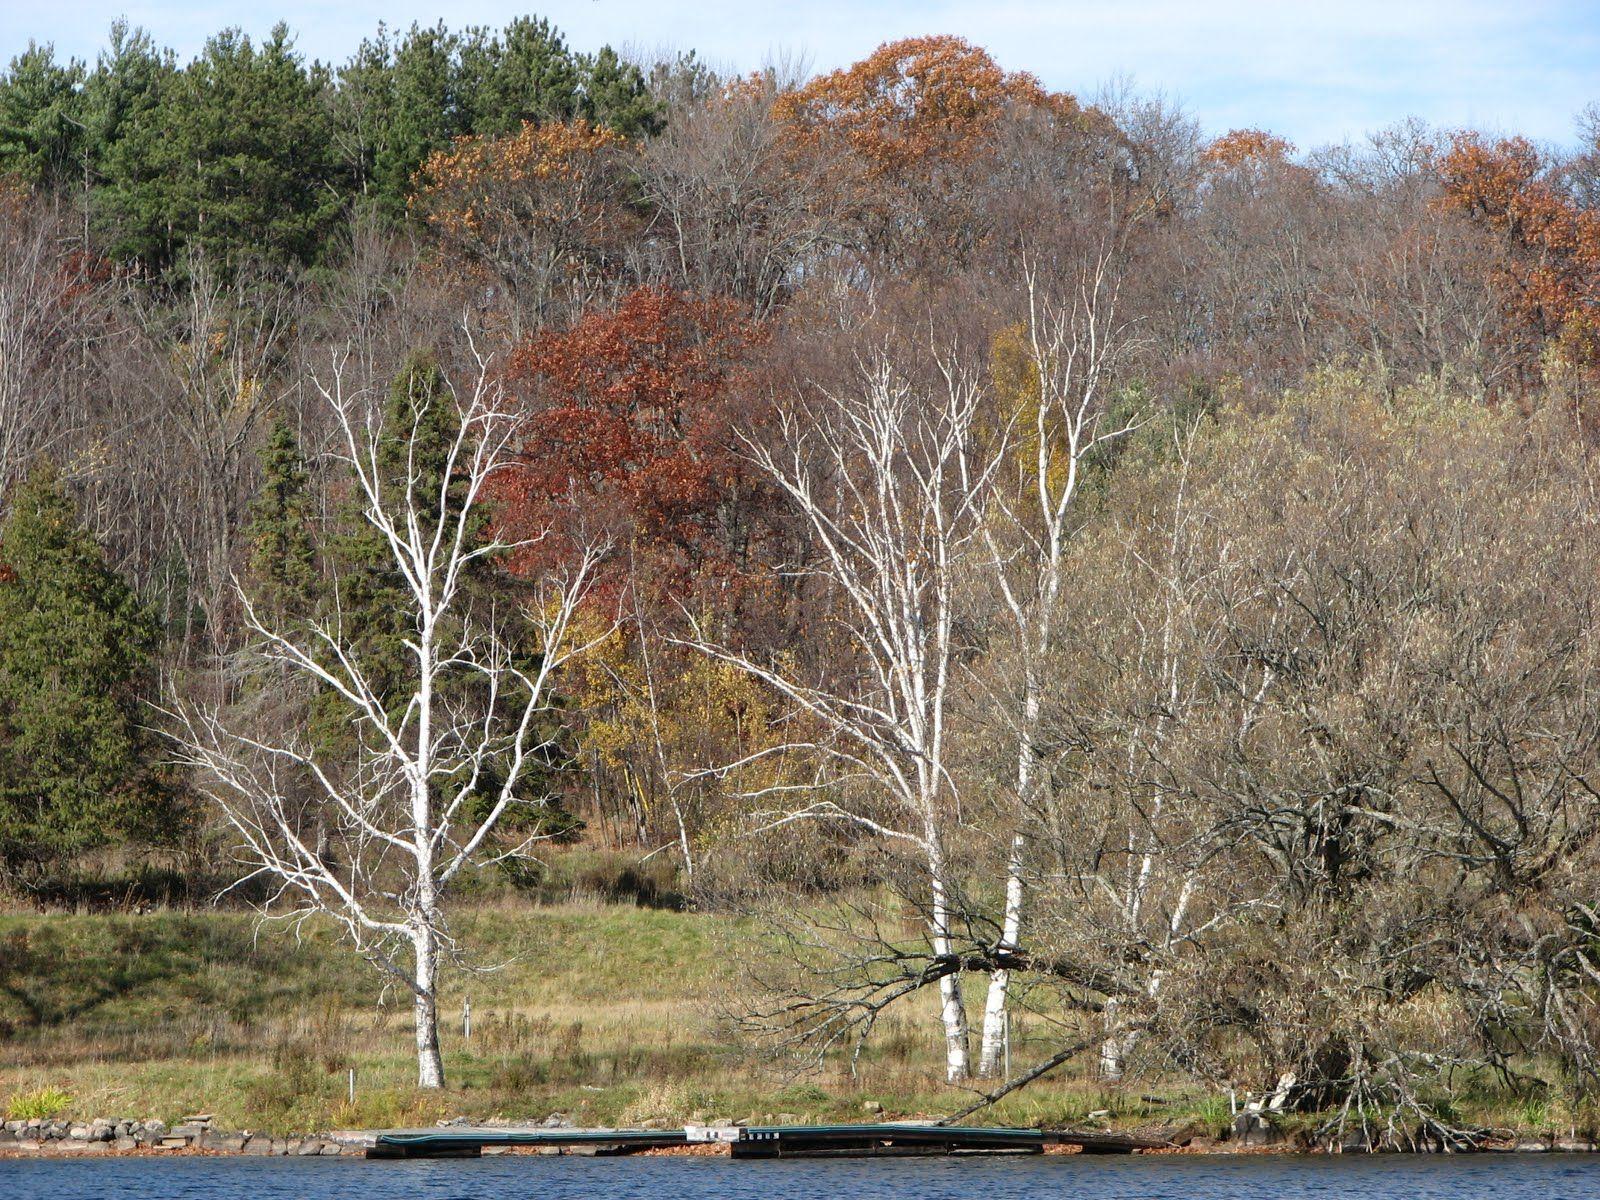 Hannaslandingjpg 16001200 tree plants garden